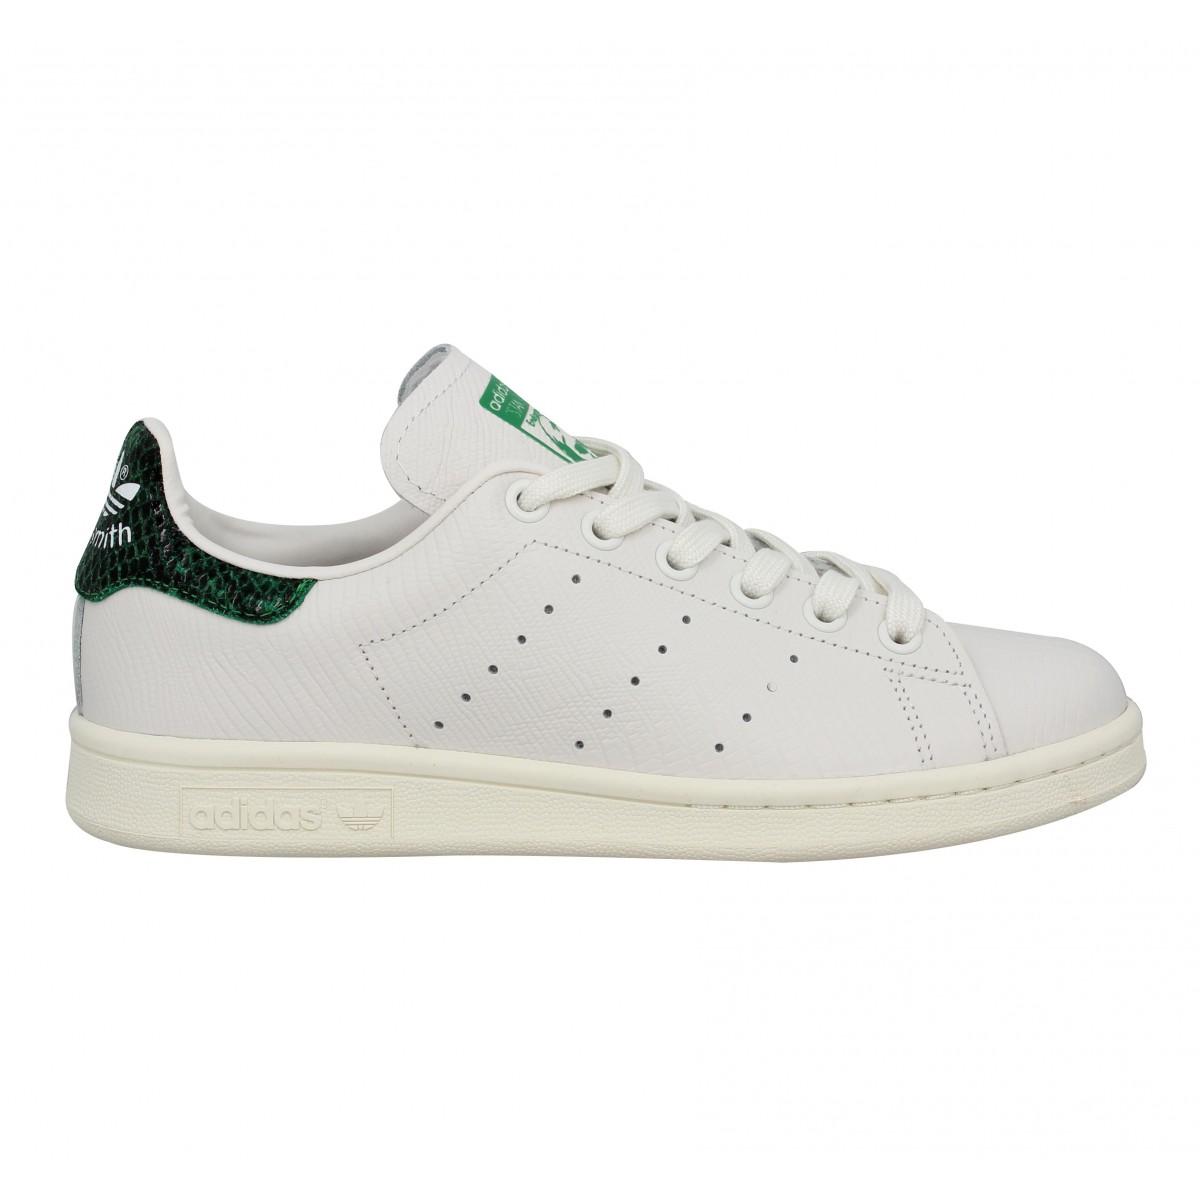 adidas stan smith homme blanc et vert